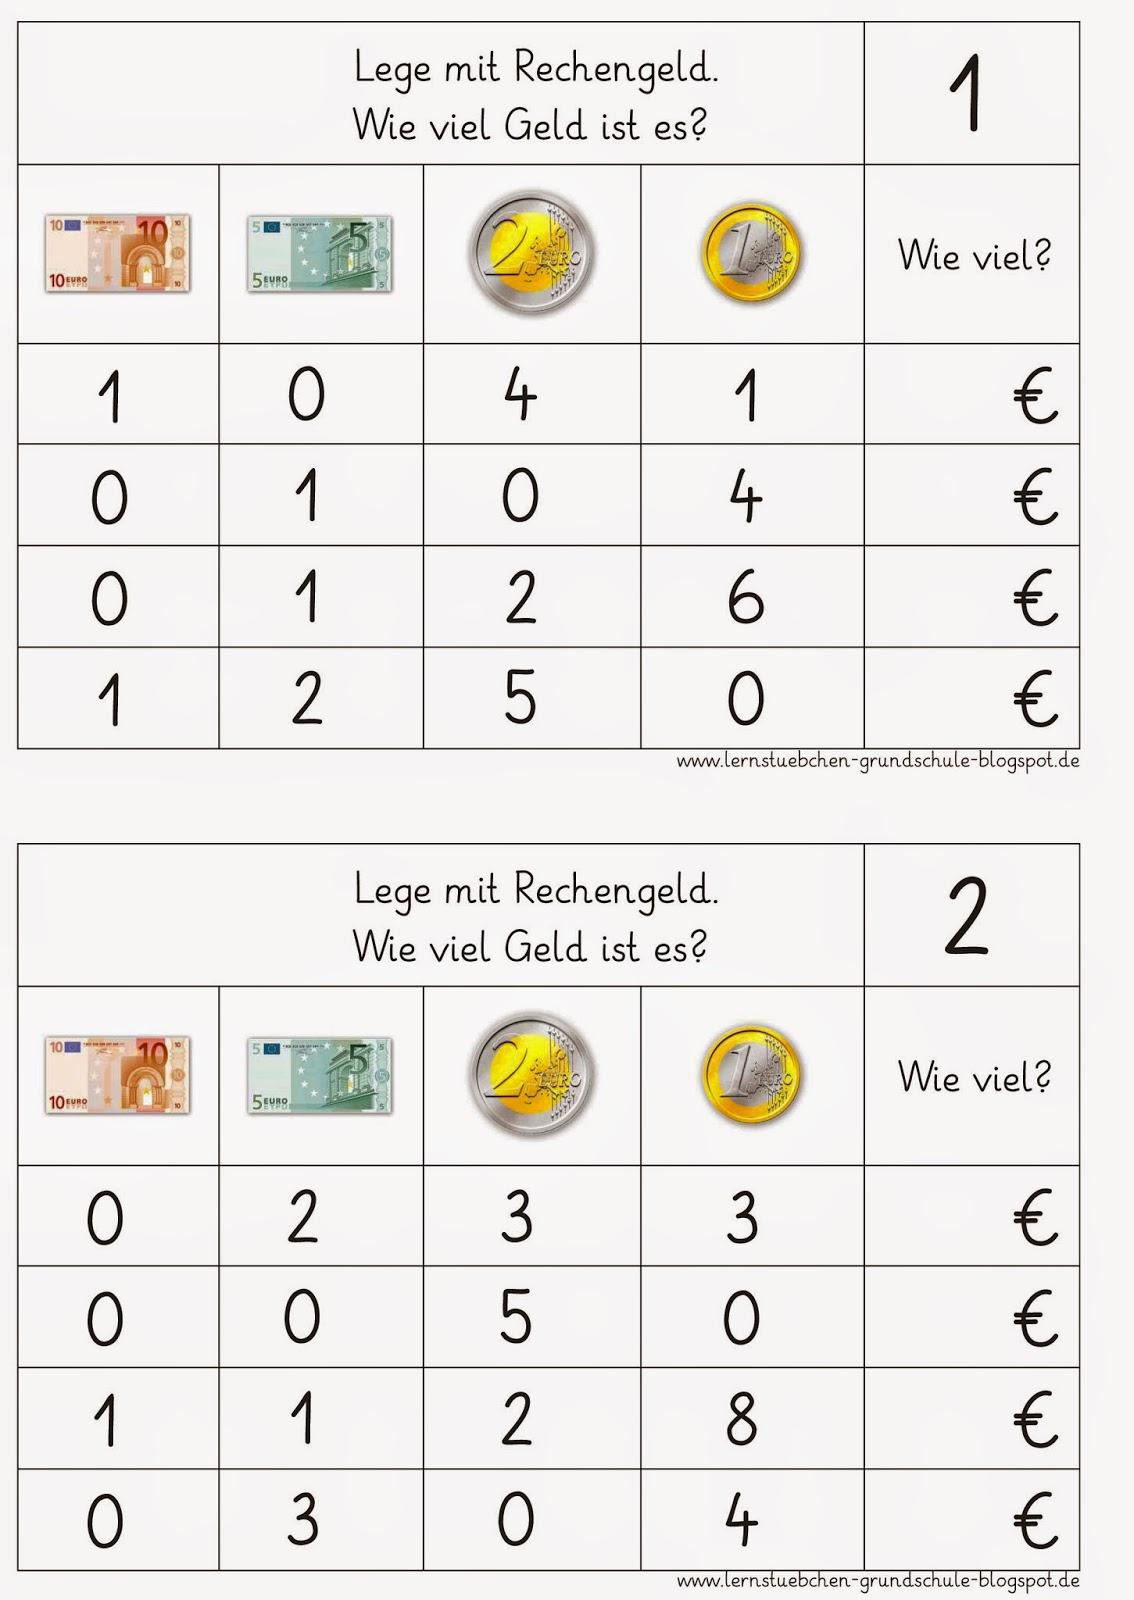 Ausgezeichnet Erste Klasse Zählen Geld Arbeitsblatt Fotos - Super ...